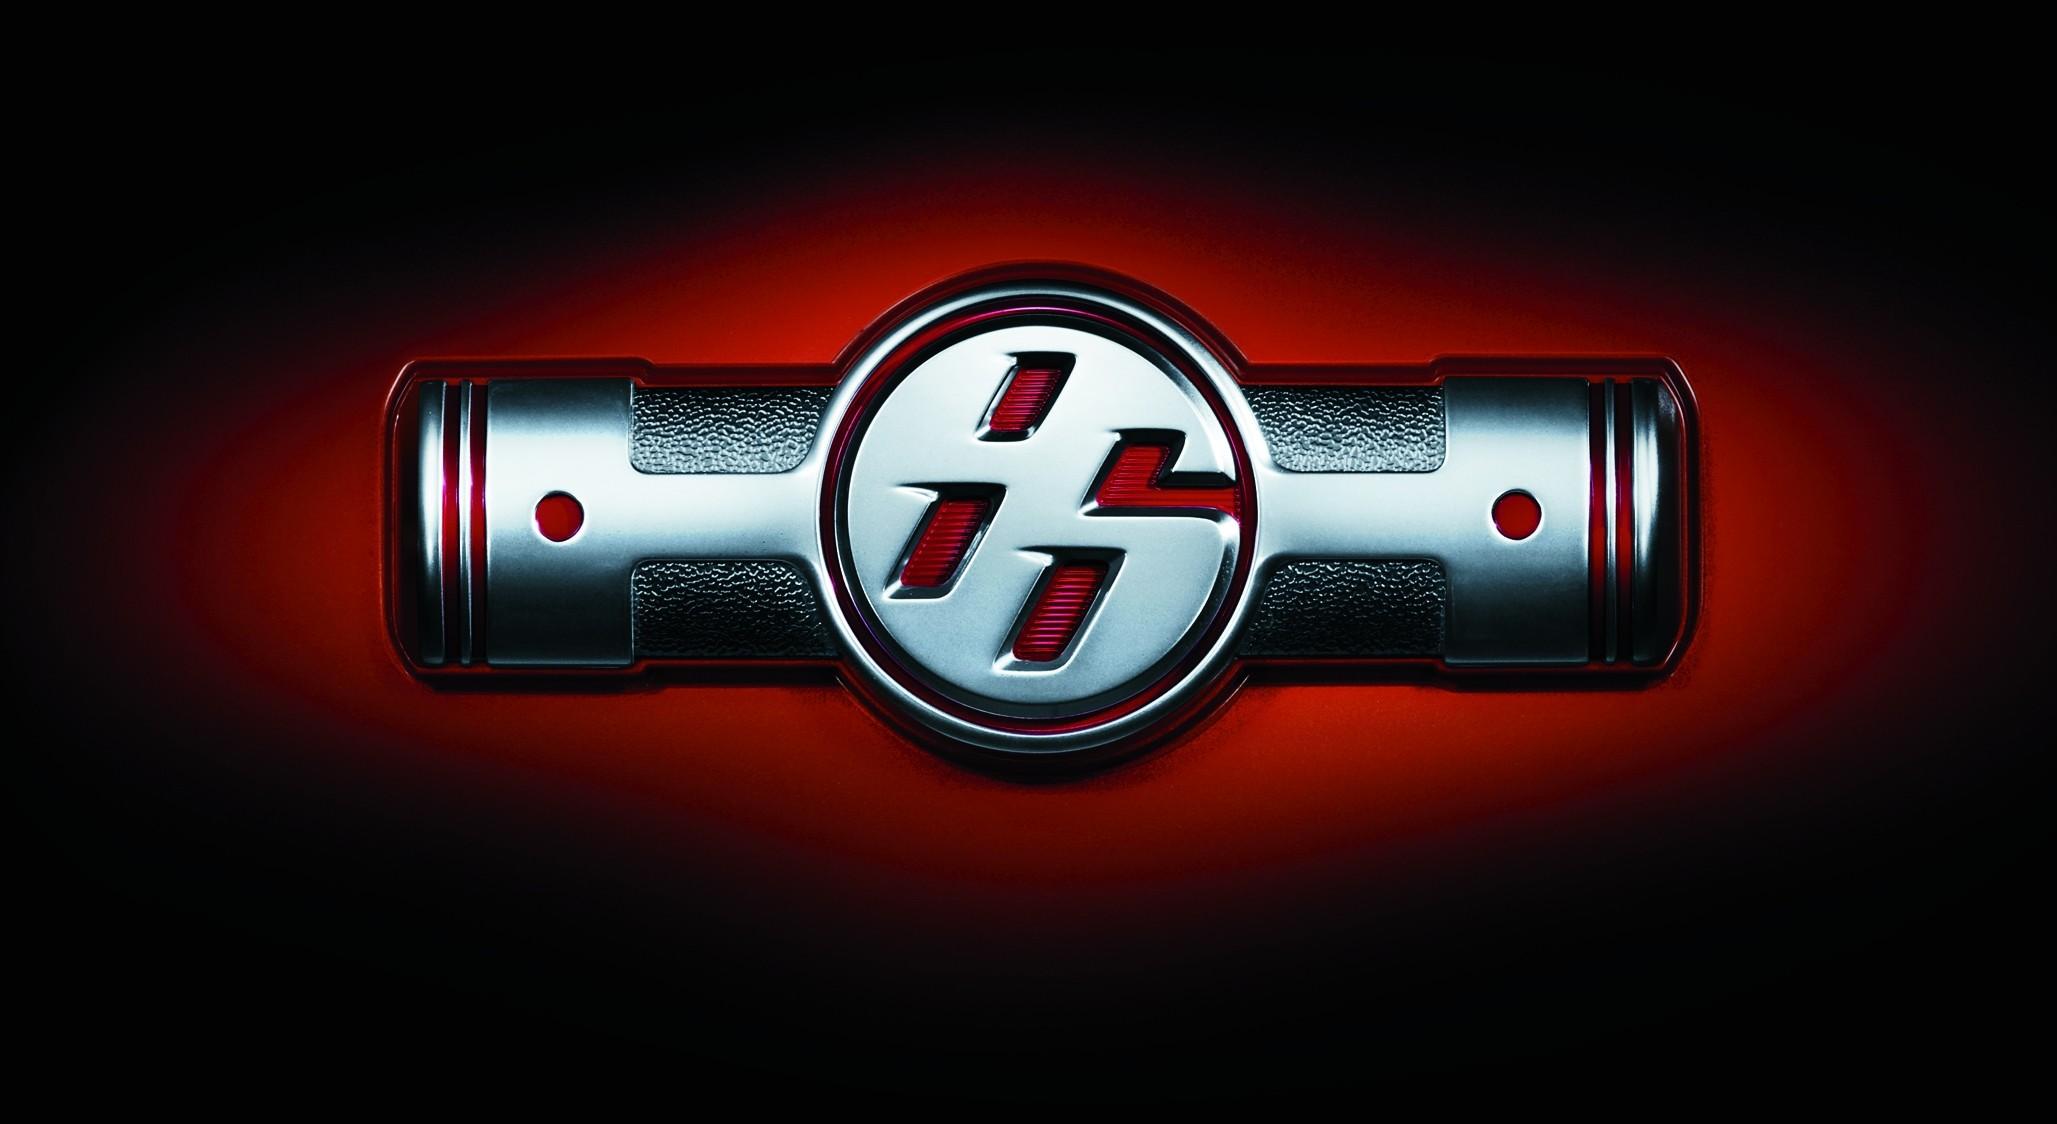 Honda City Car Hd Wallpaper Download Trd Logo Wallpaper 59 Images